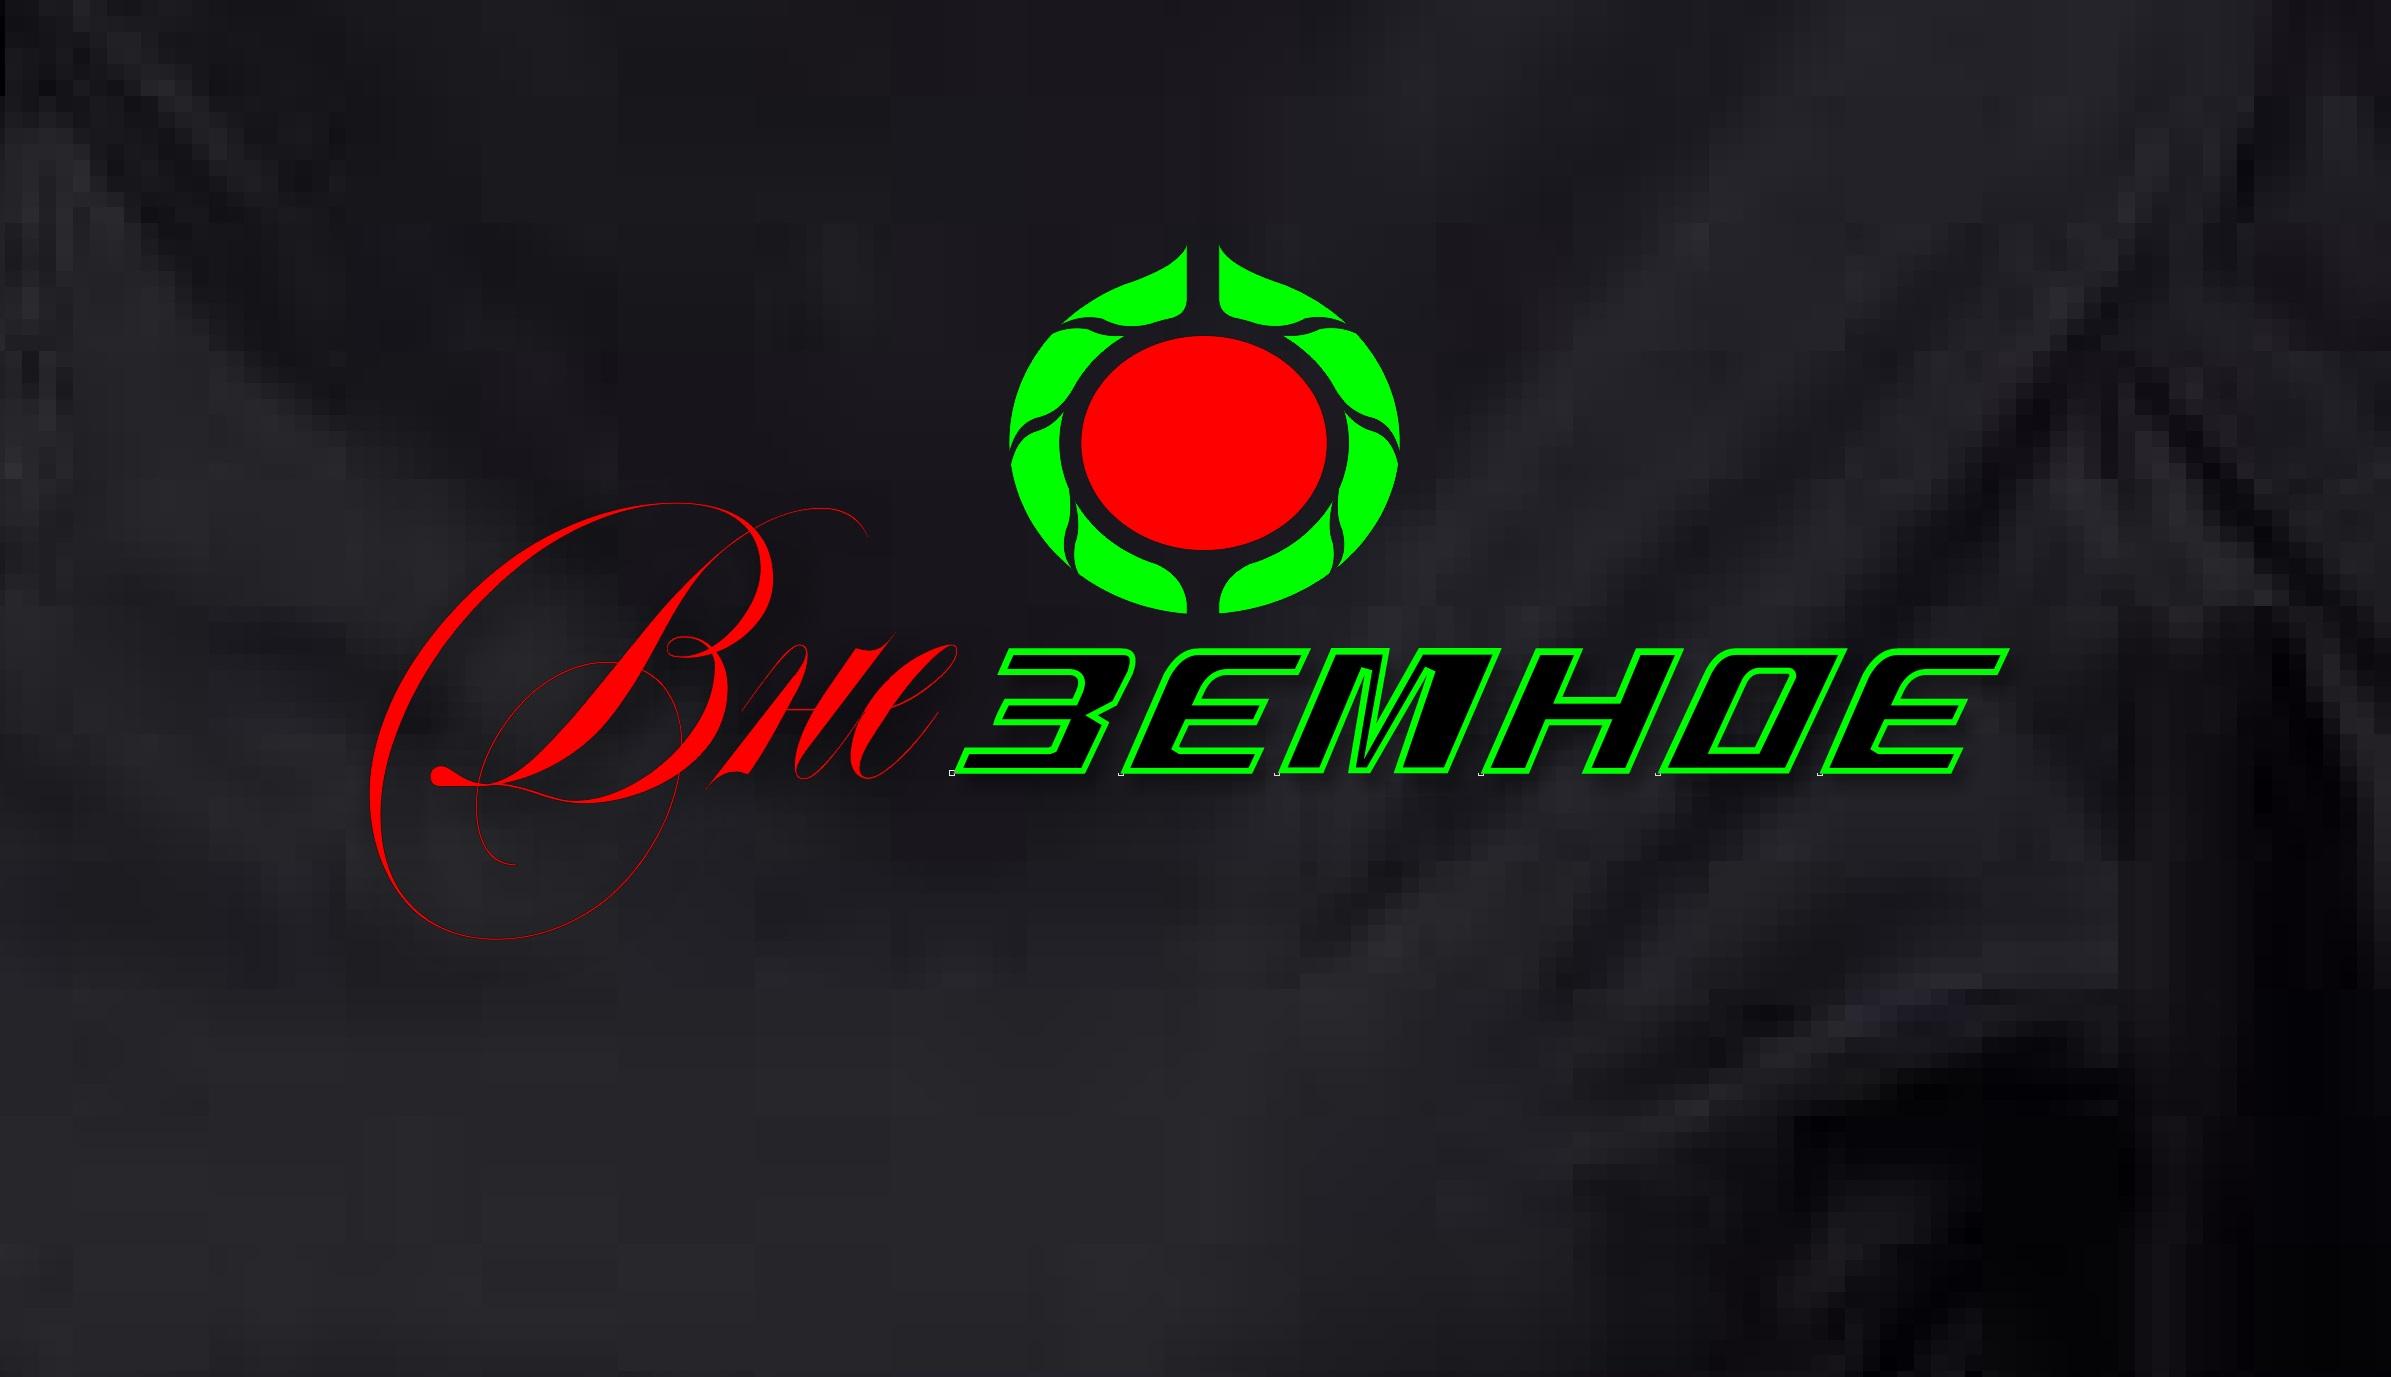 """Логотип и фирменный стиль """"Внеземное"""" фото f_1915e78fc75ee1ba.jpg"""